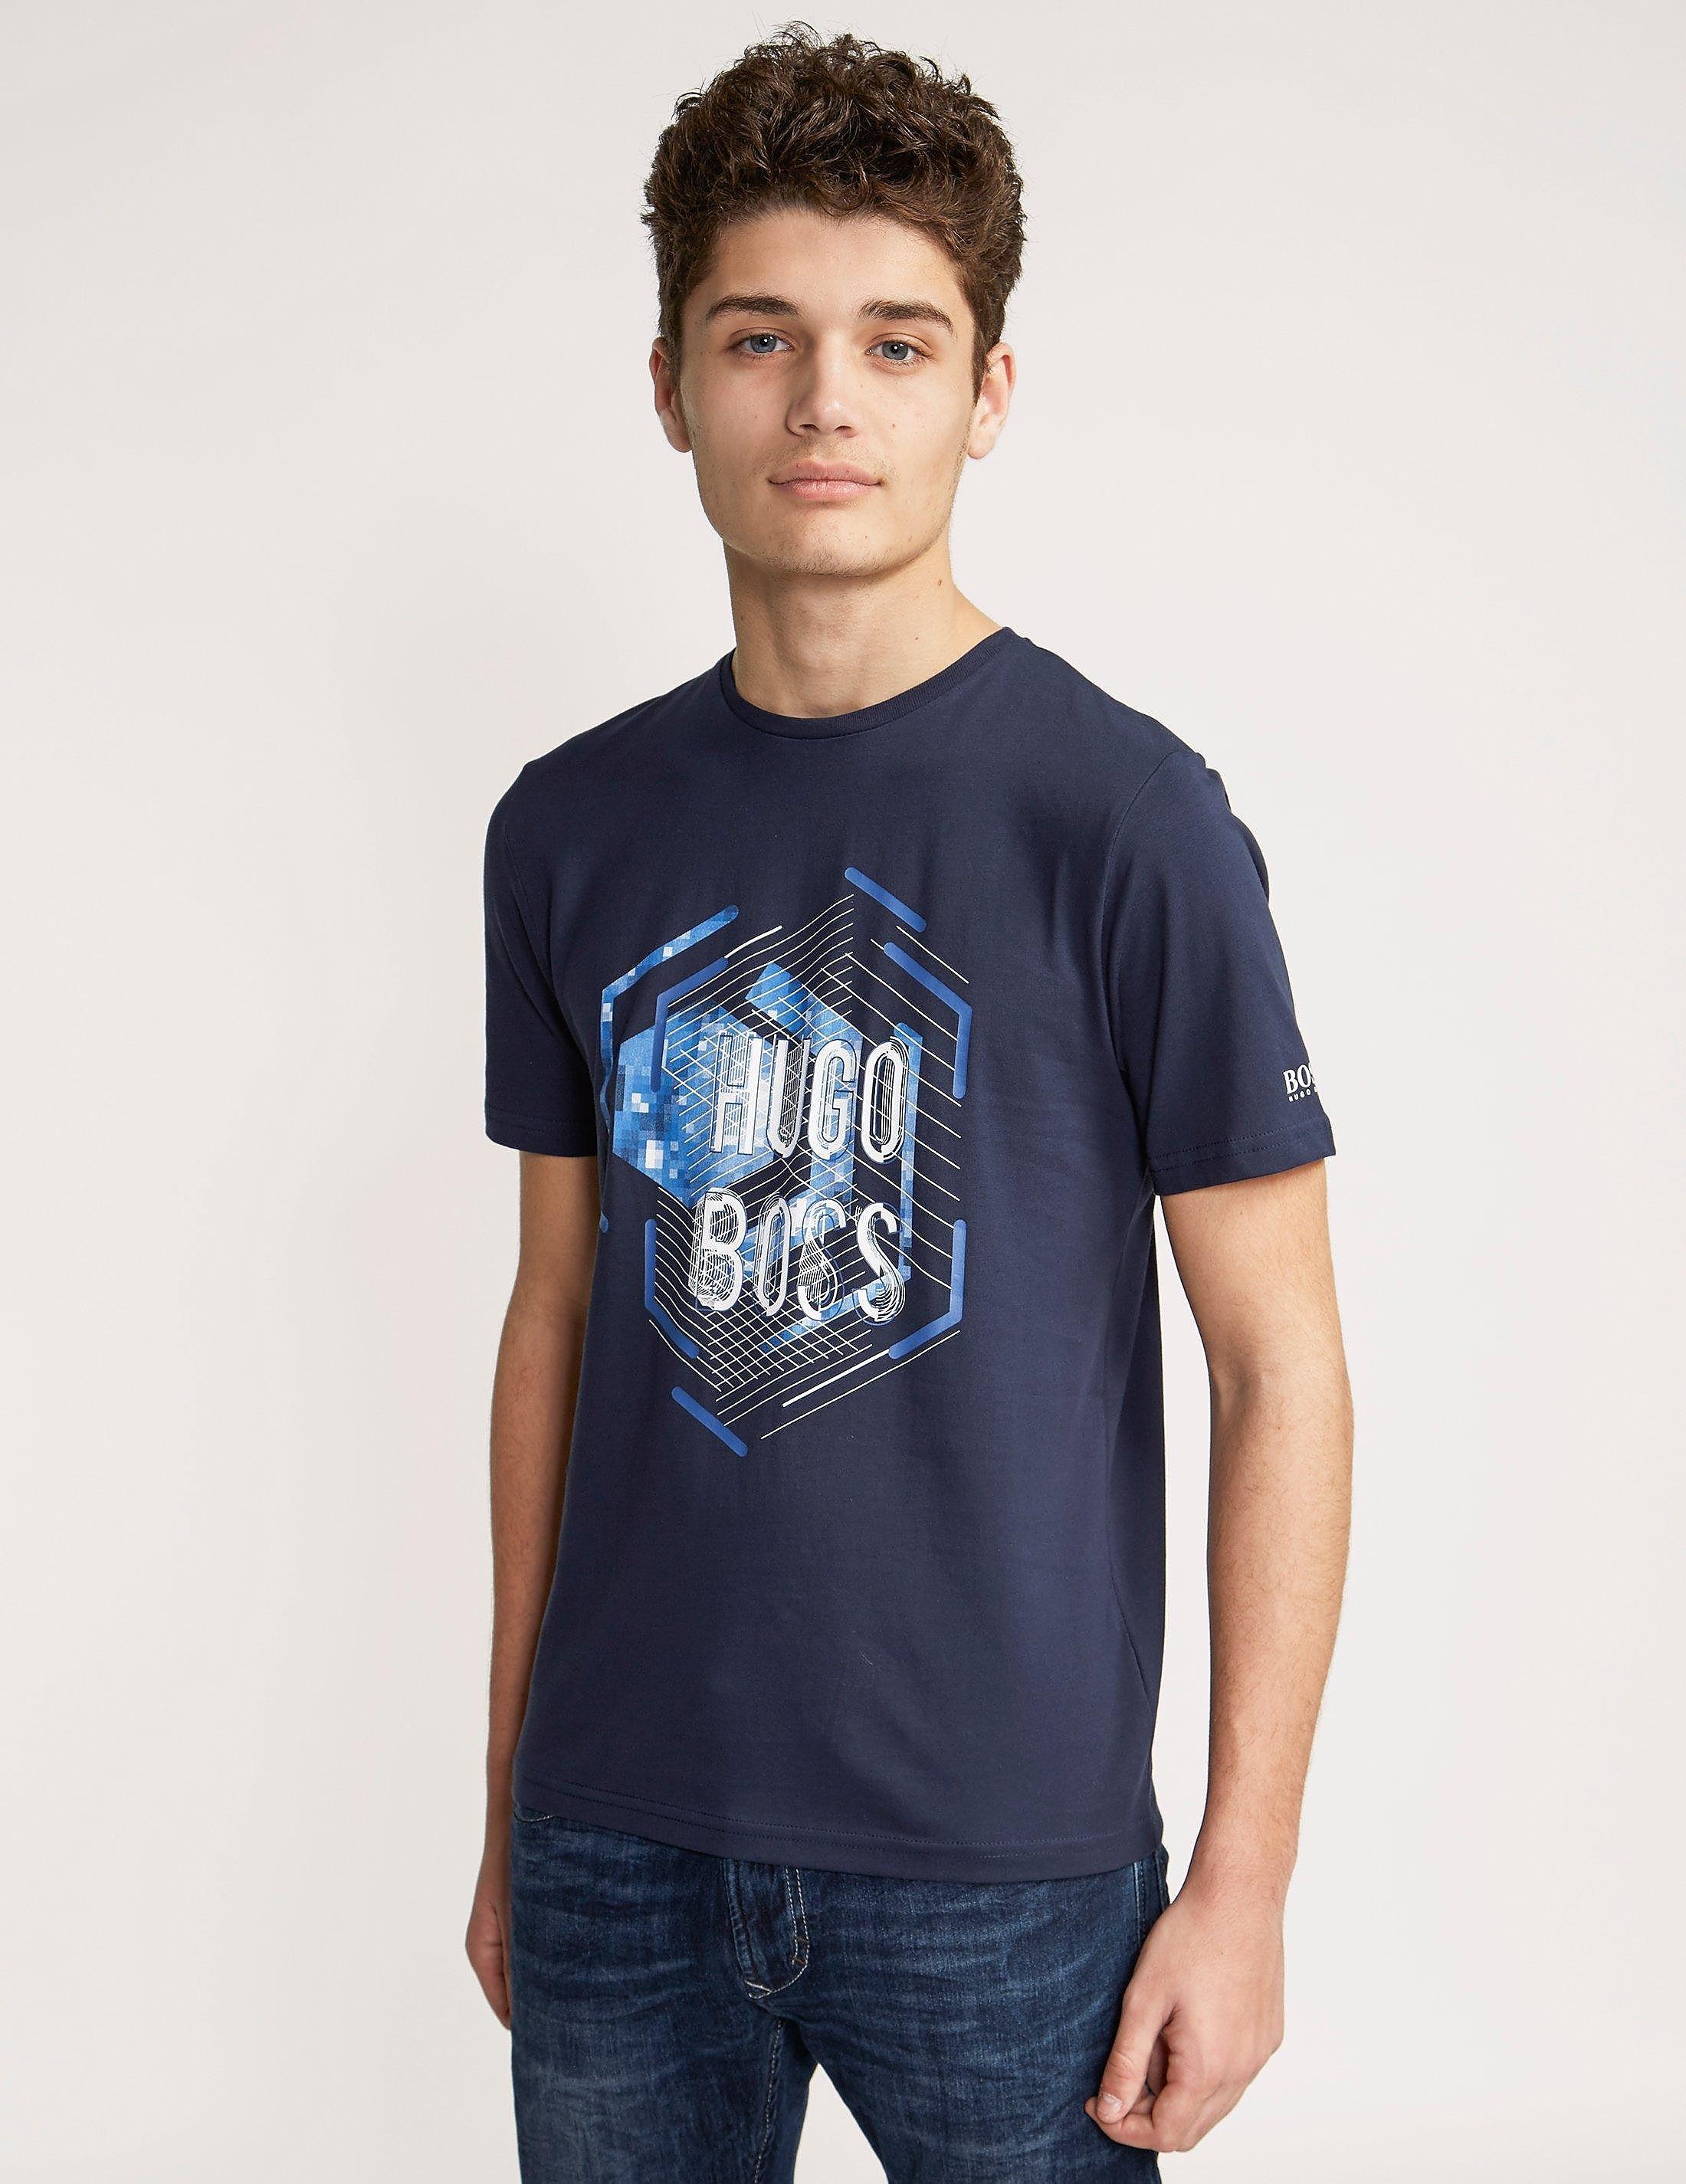 BOSS Prism T-Shirt